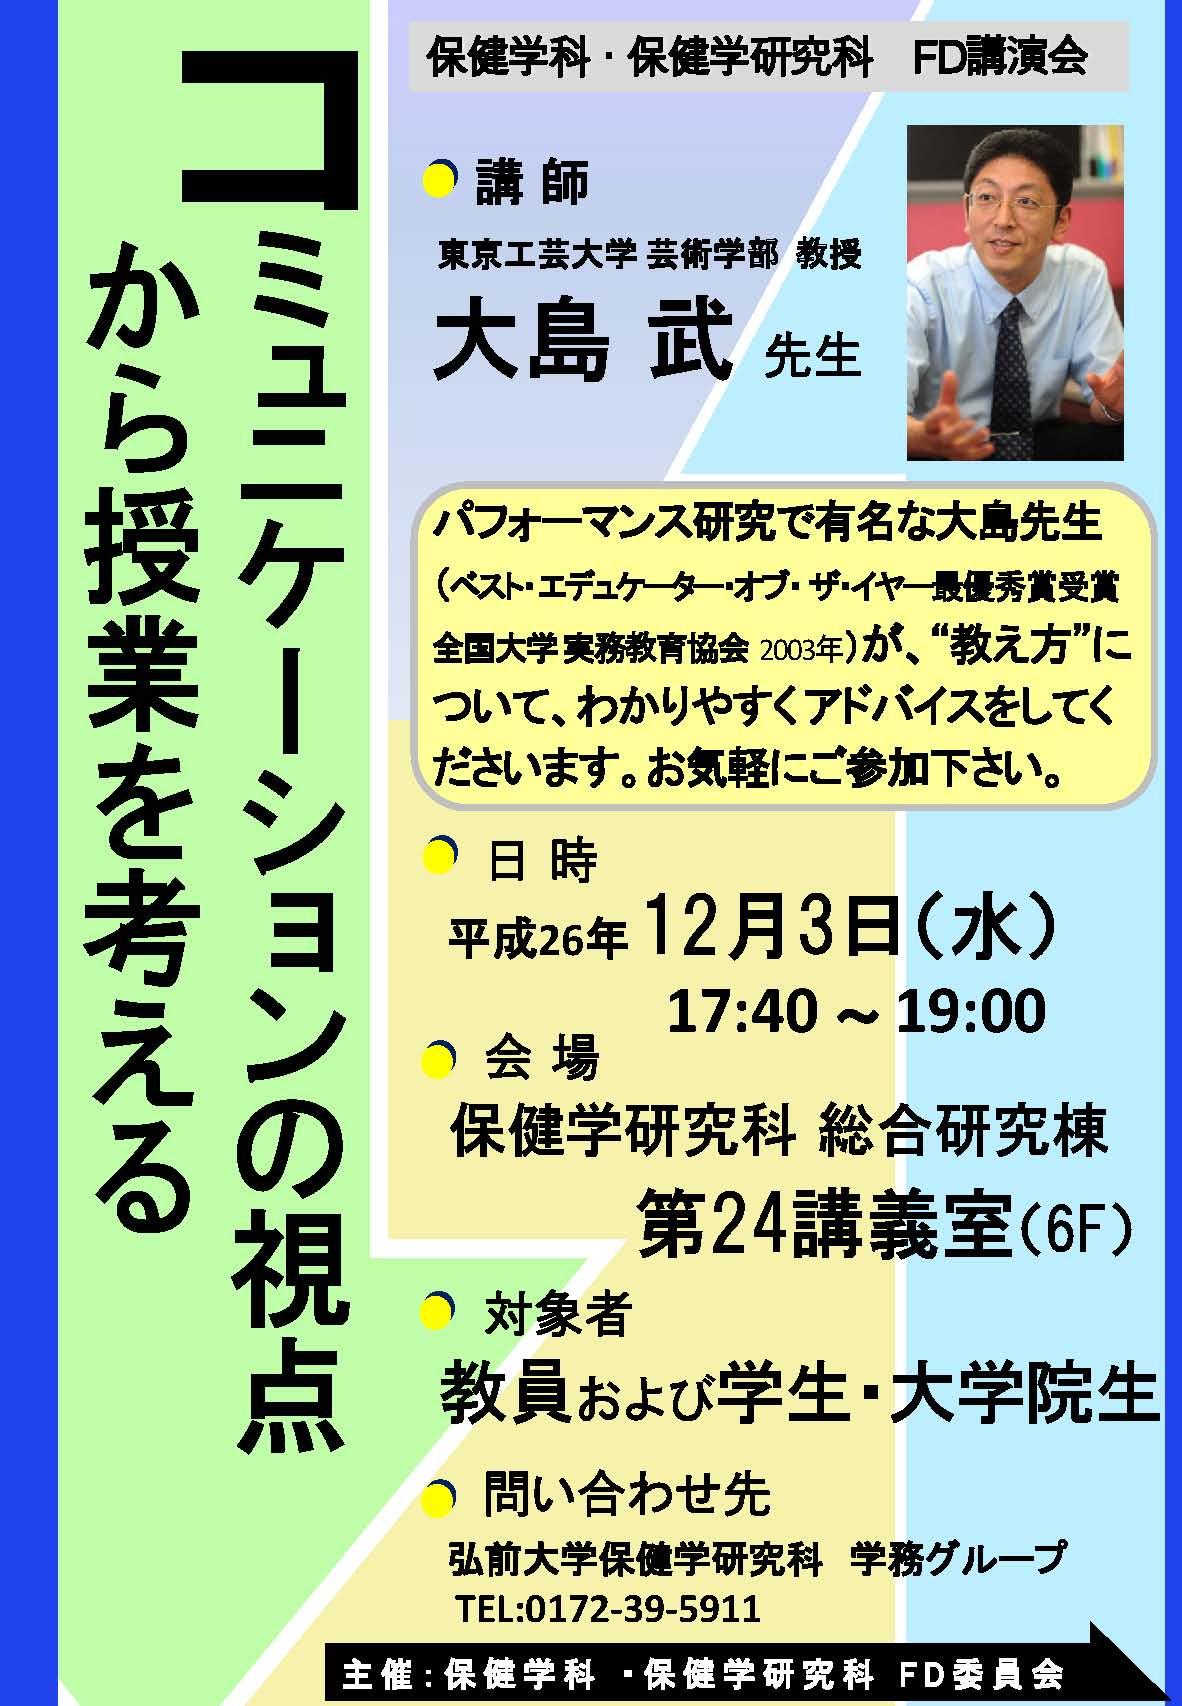 弘前大学FD講演会ポスター(平成26年12月3日開催)